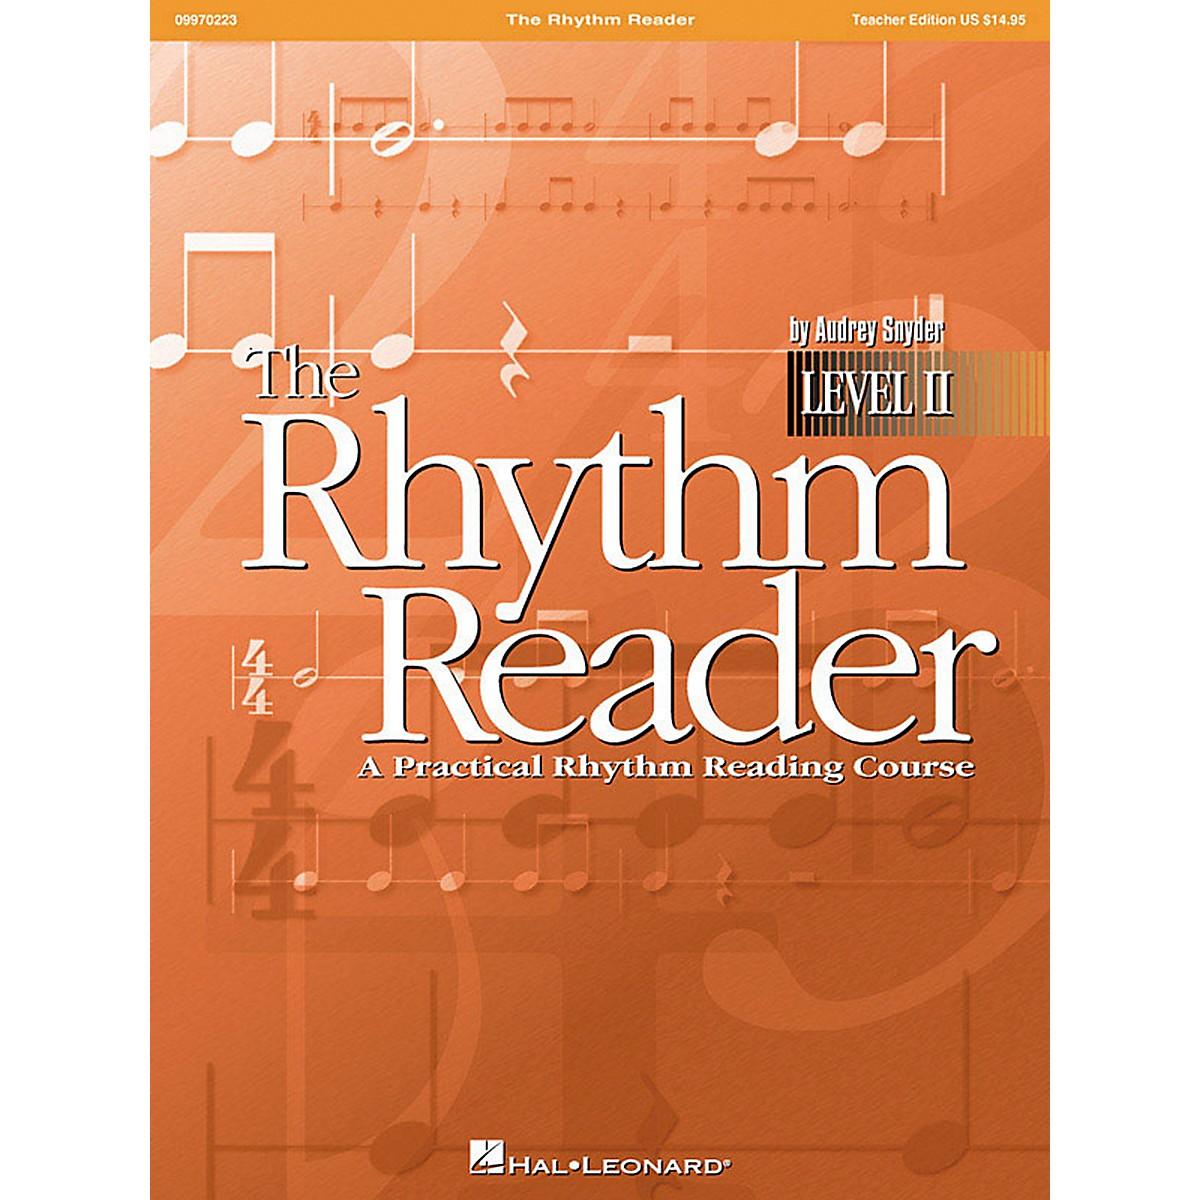 Hal Leonard The Rhythm Reader II - A Practical Rhythm Reading Course Teacher Edition